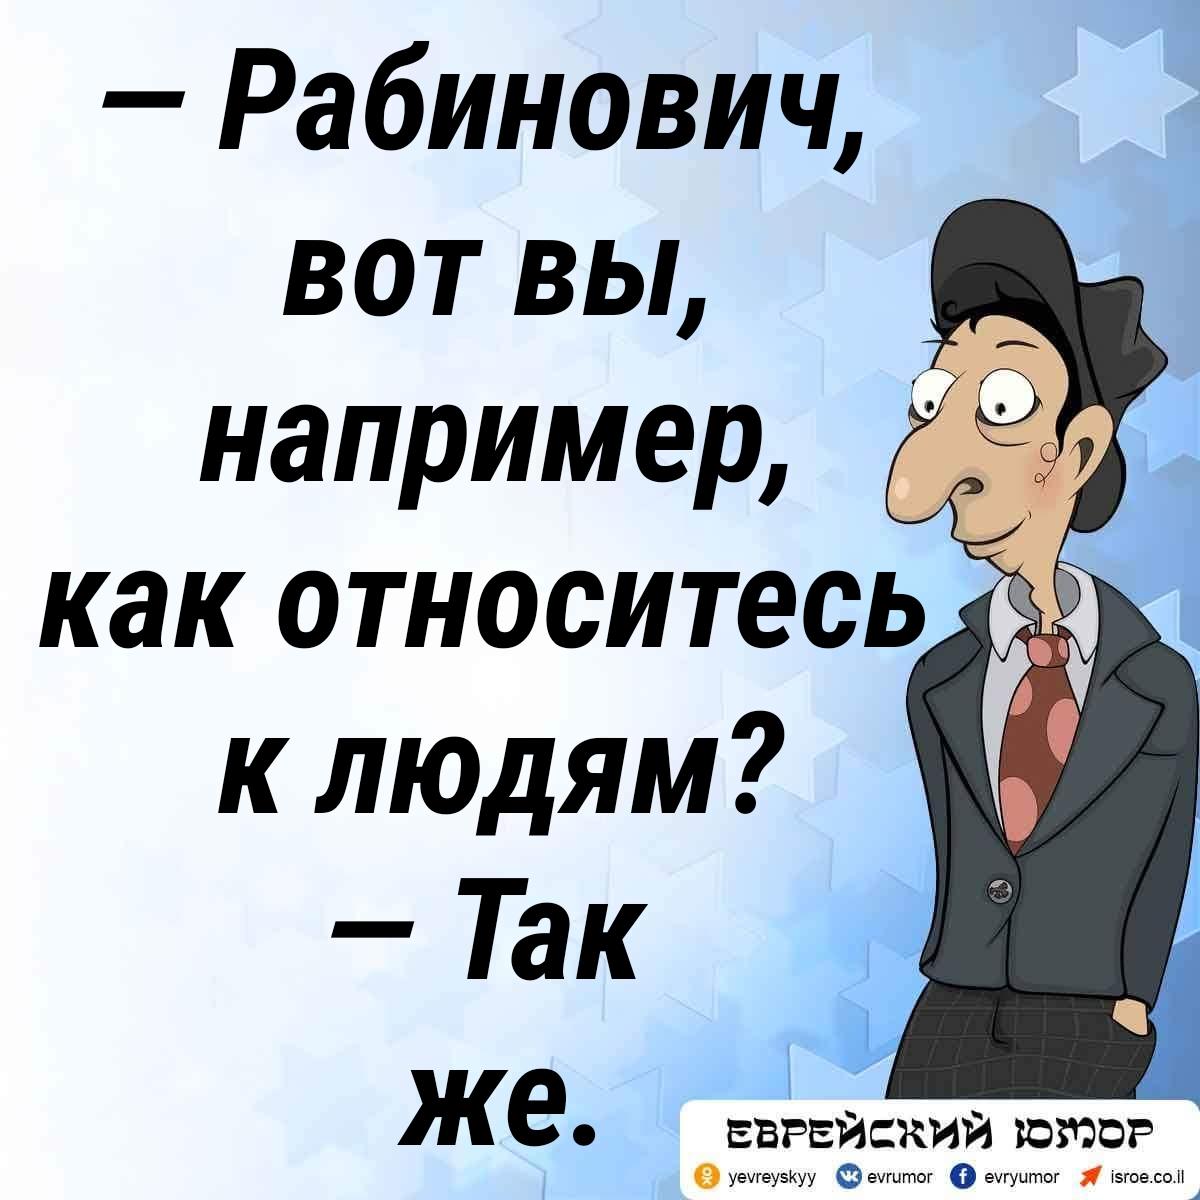 Непревзойденный юмор из Одессы! Мегаподборка отличных шуток